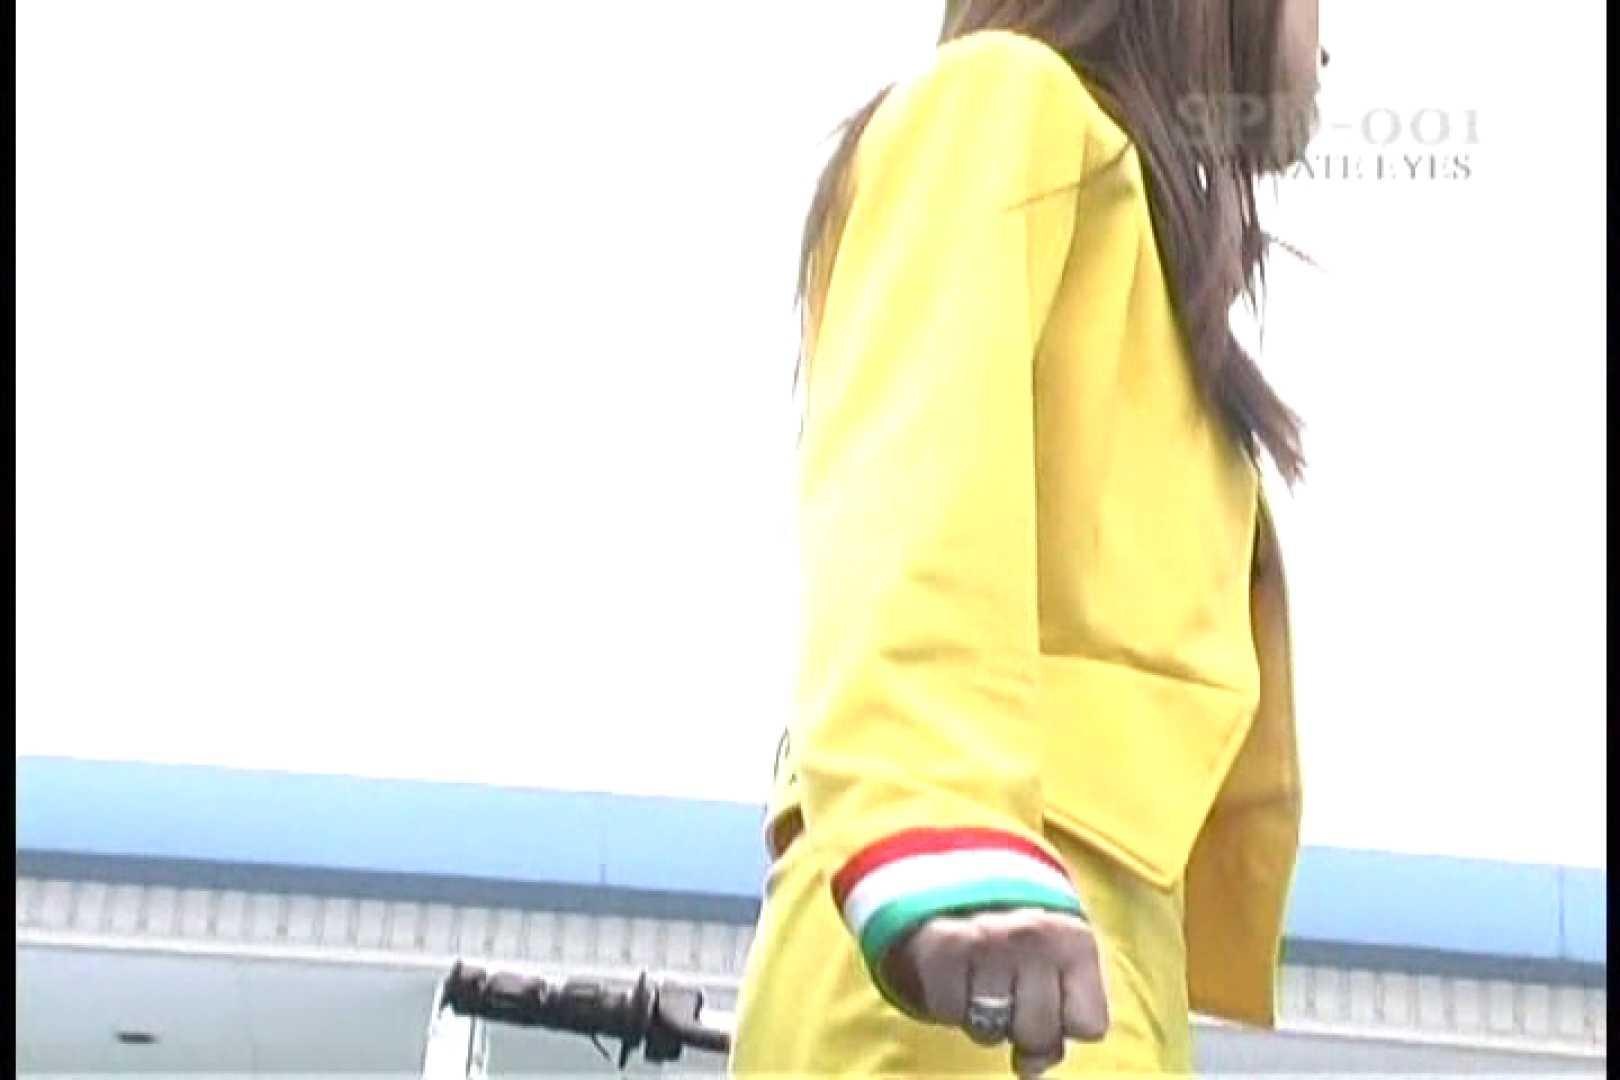 高画質版!SPD-001 サーキットの女神達 Vol.00 高画質 すけべAV動画紹介 106pic 95